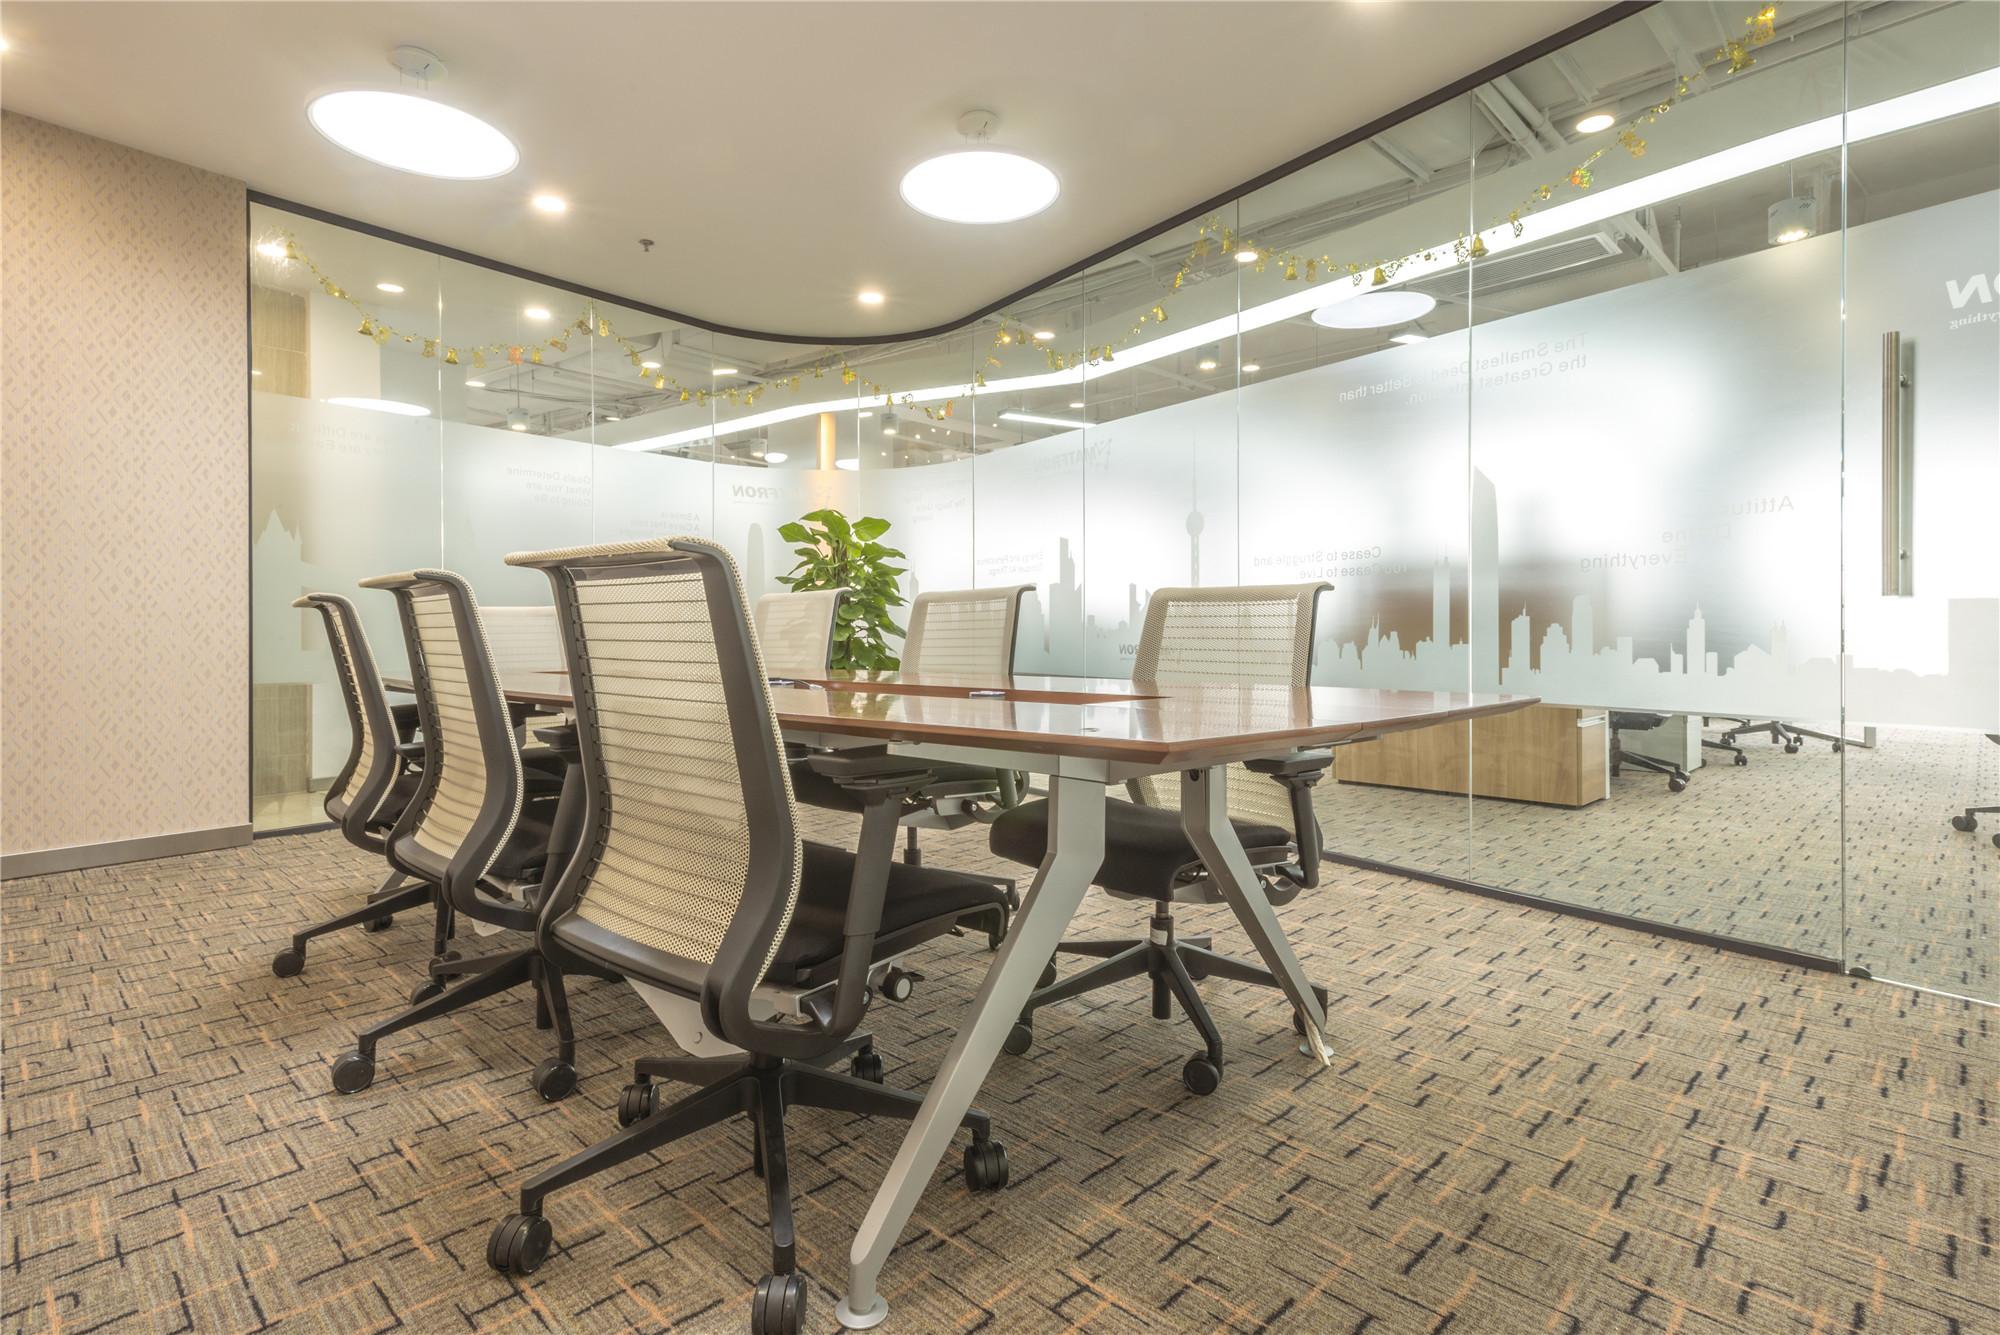 简约风办公室装修会议室布置图